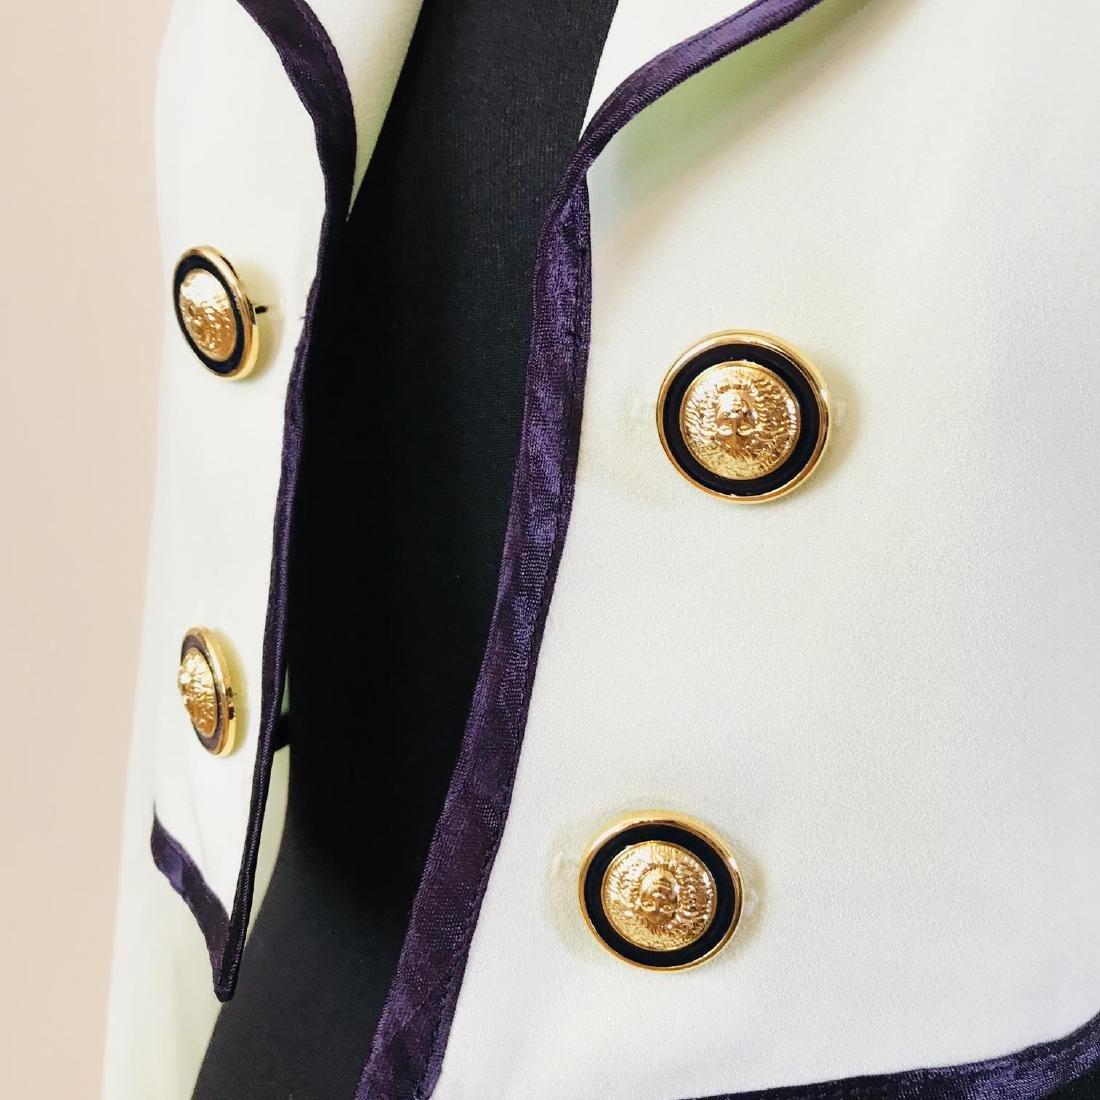 Vintage Women's Eurofashion Jacket Blazer Size US 12 - 3